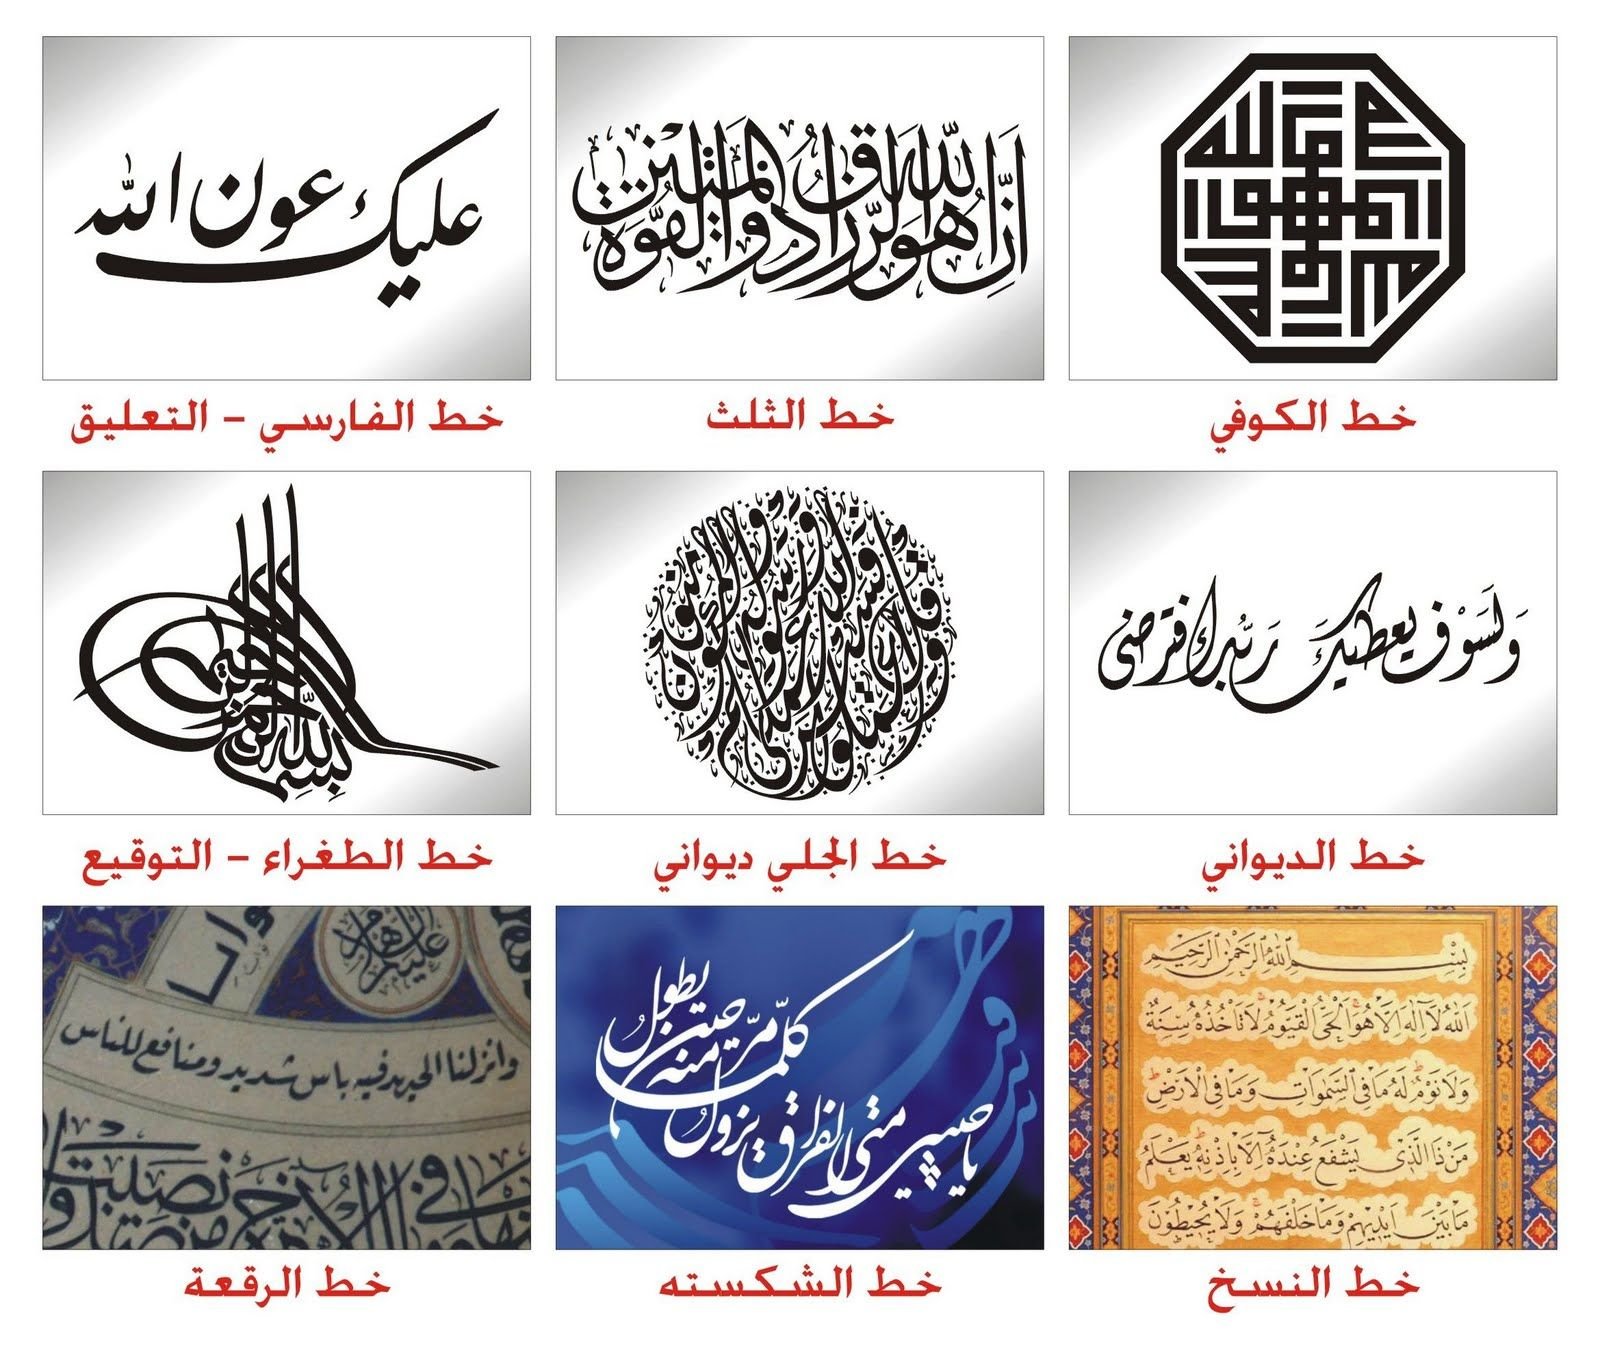 انواع الخط العربي Arabic Calligraphy Art Arabic Font Arabic Calligraphy